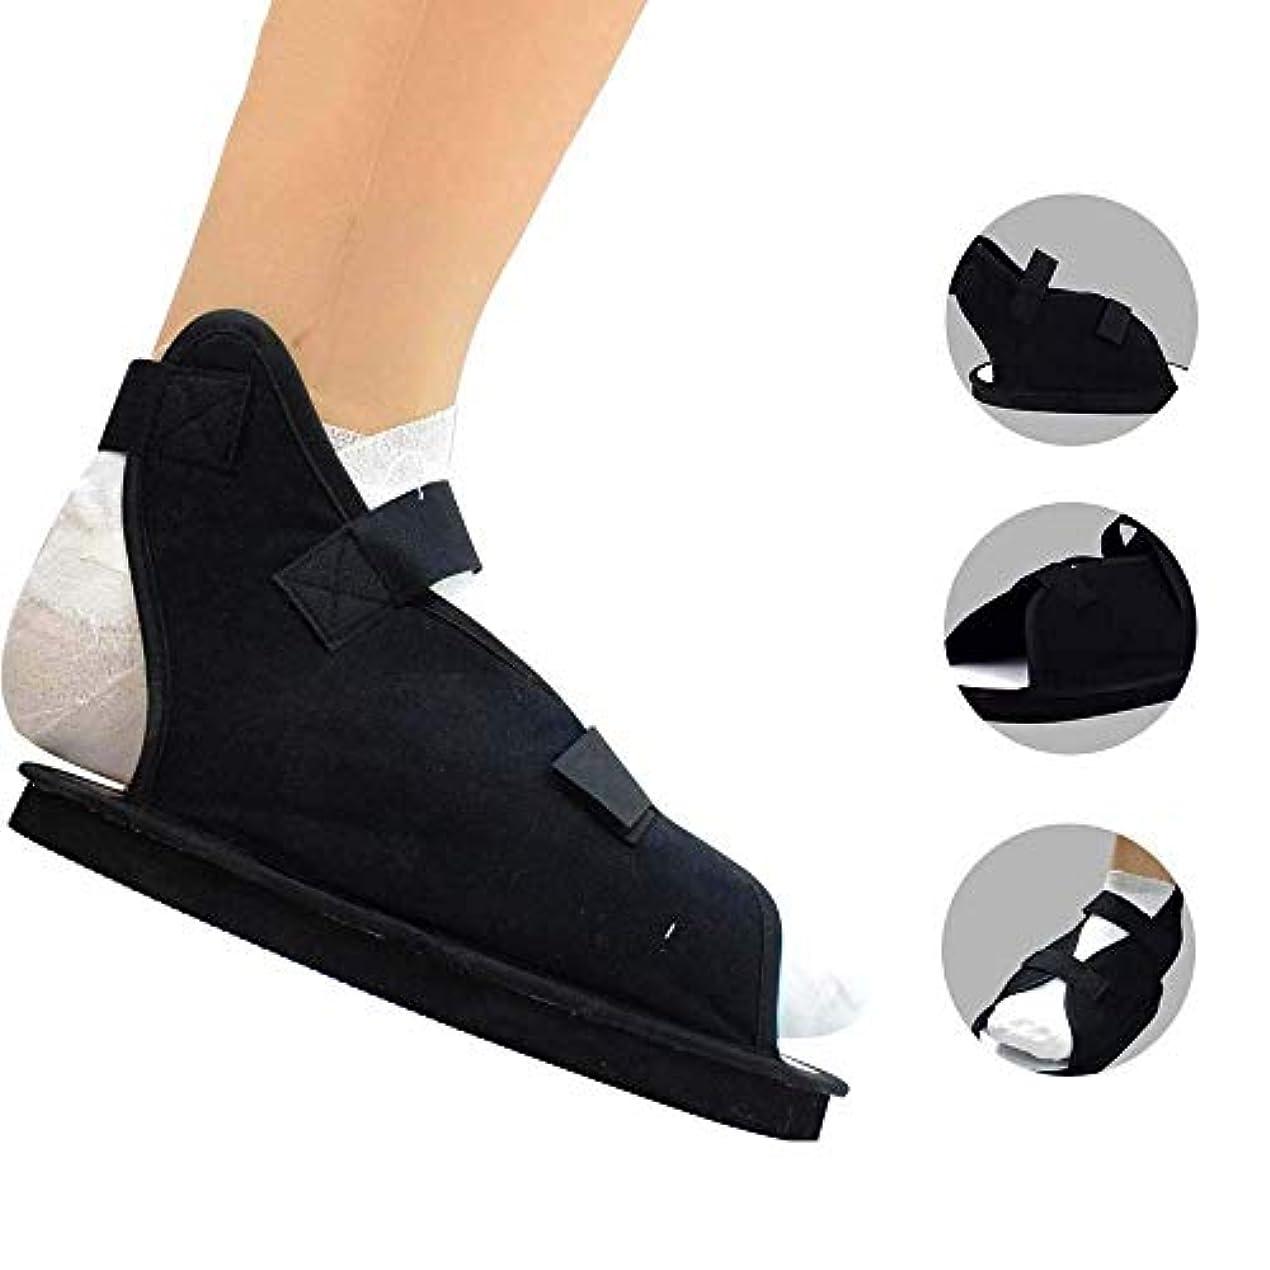 振り子童謡収穫術後靴、傷害後の外科用フットキャスト医療用ウォーキングブーツ (Size : S)